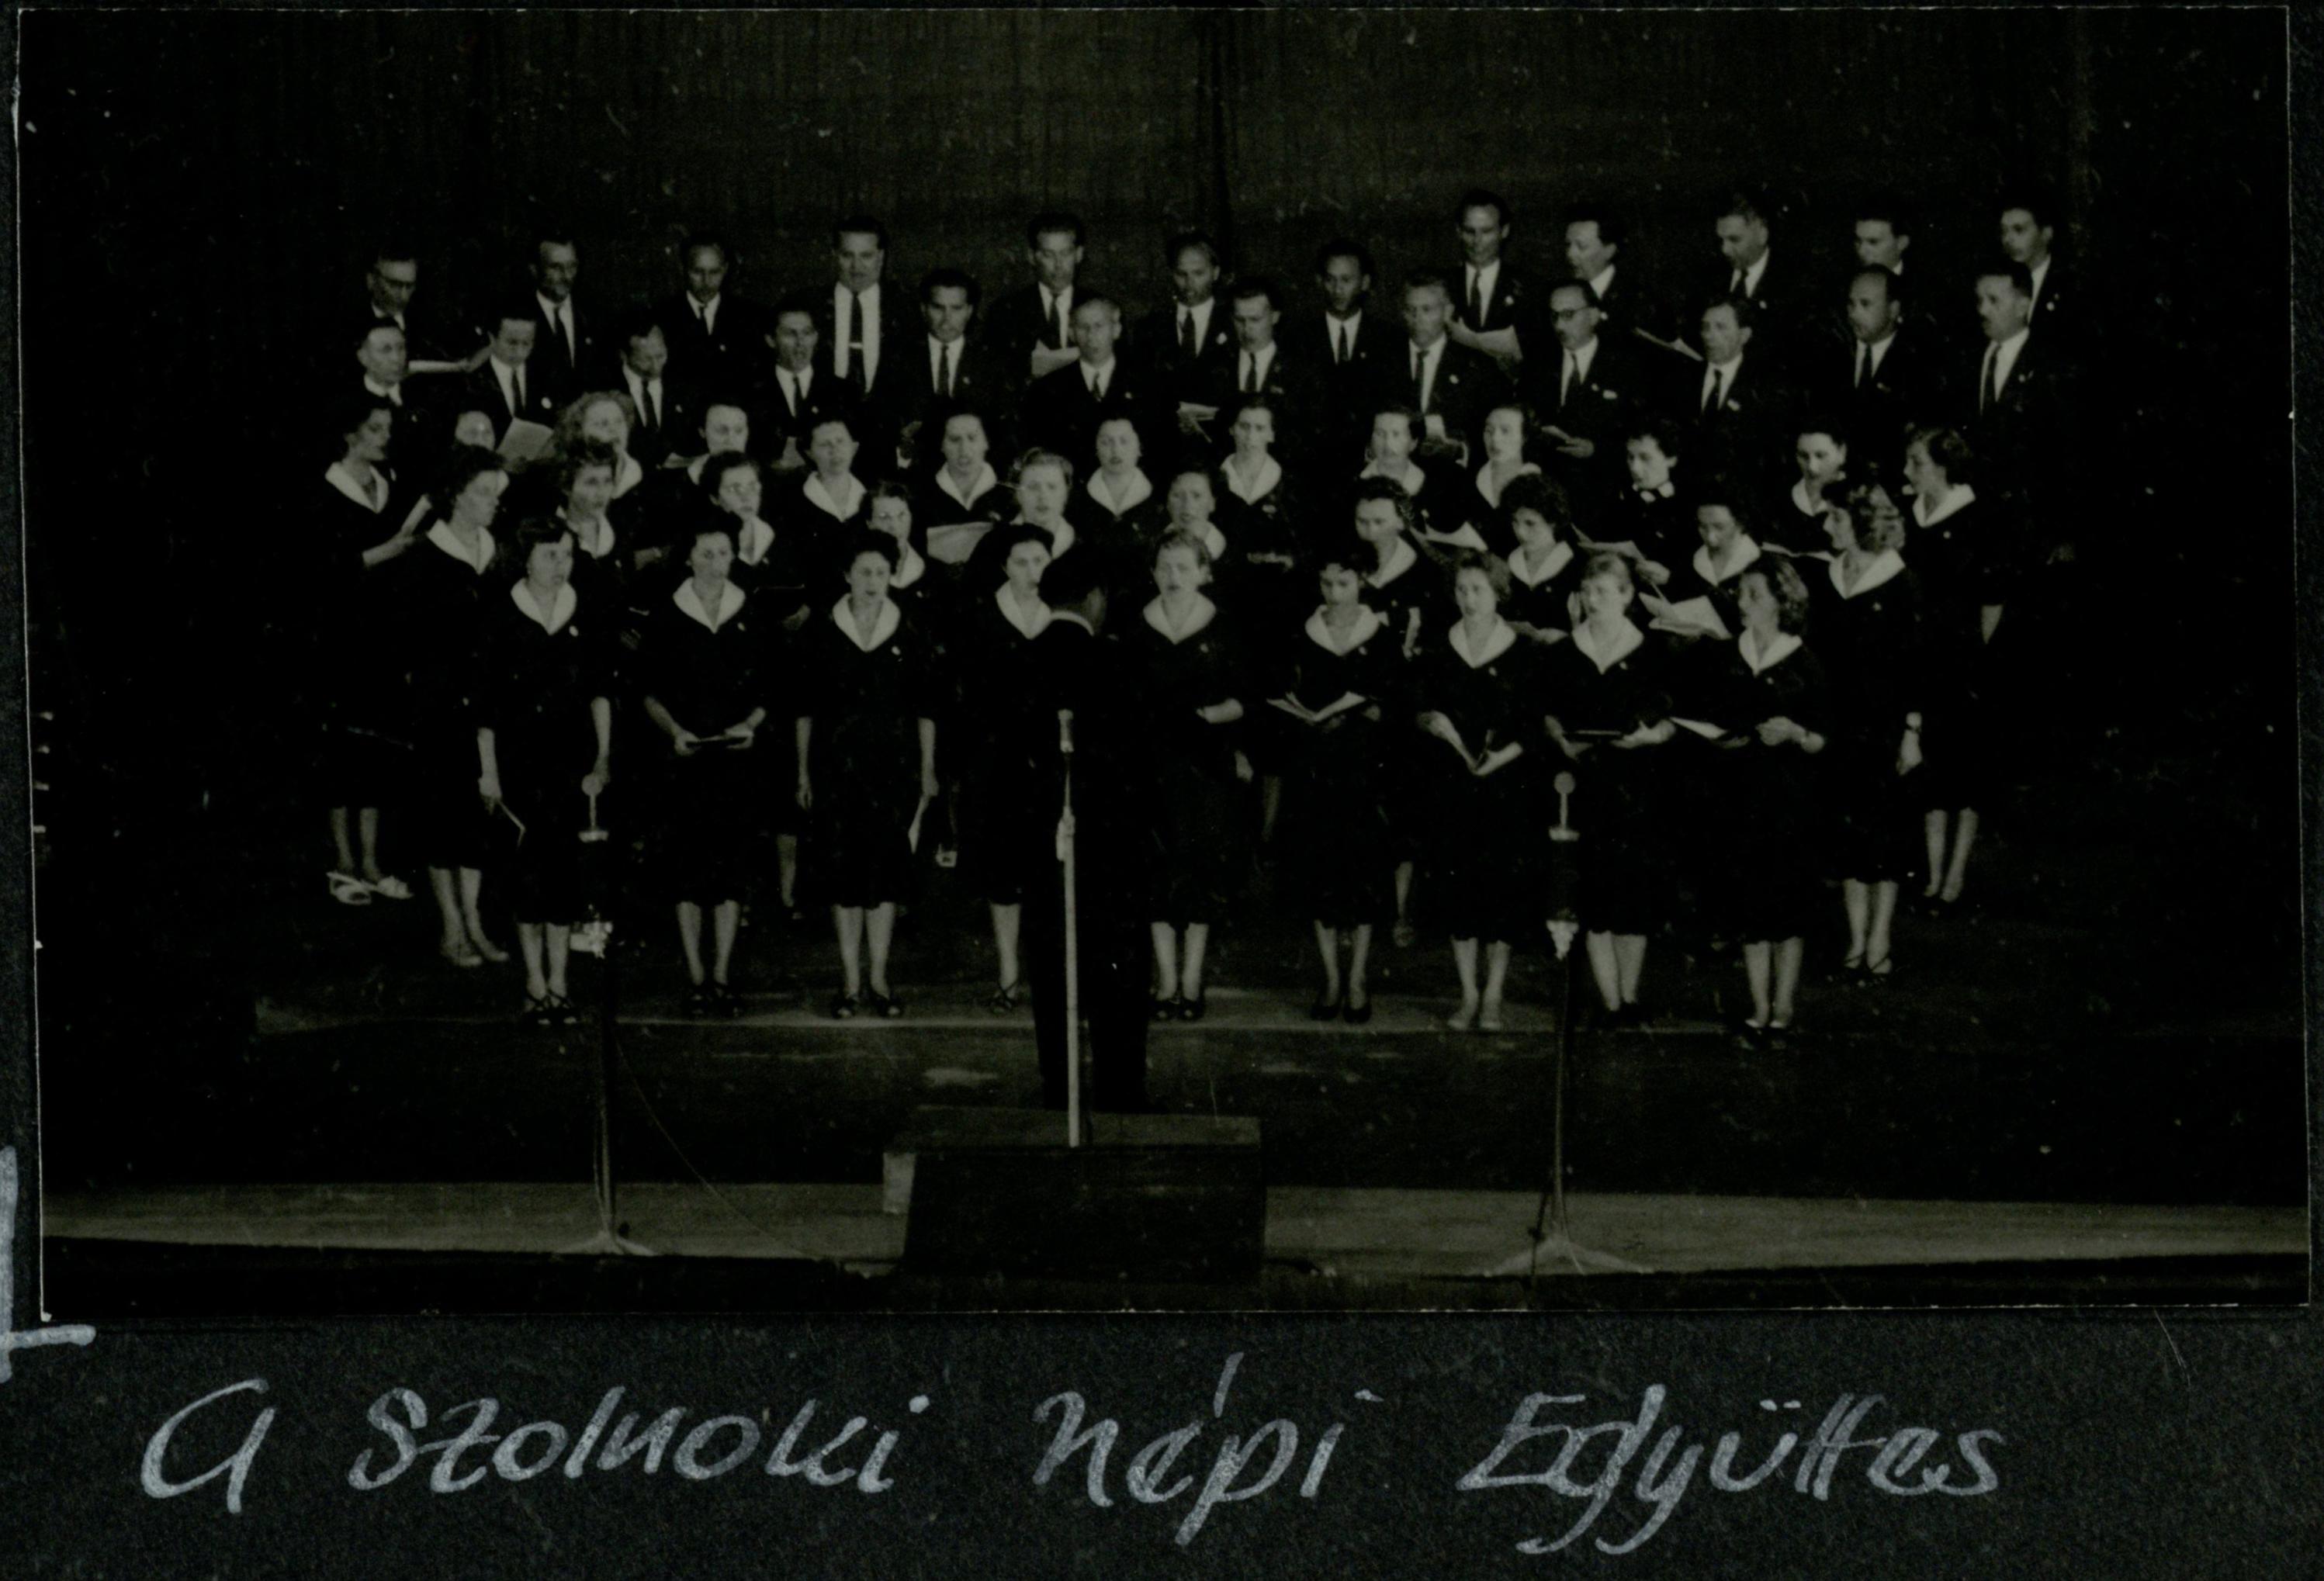 Szolnoki népi együttes 1958